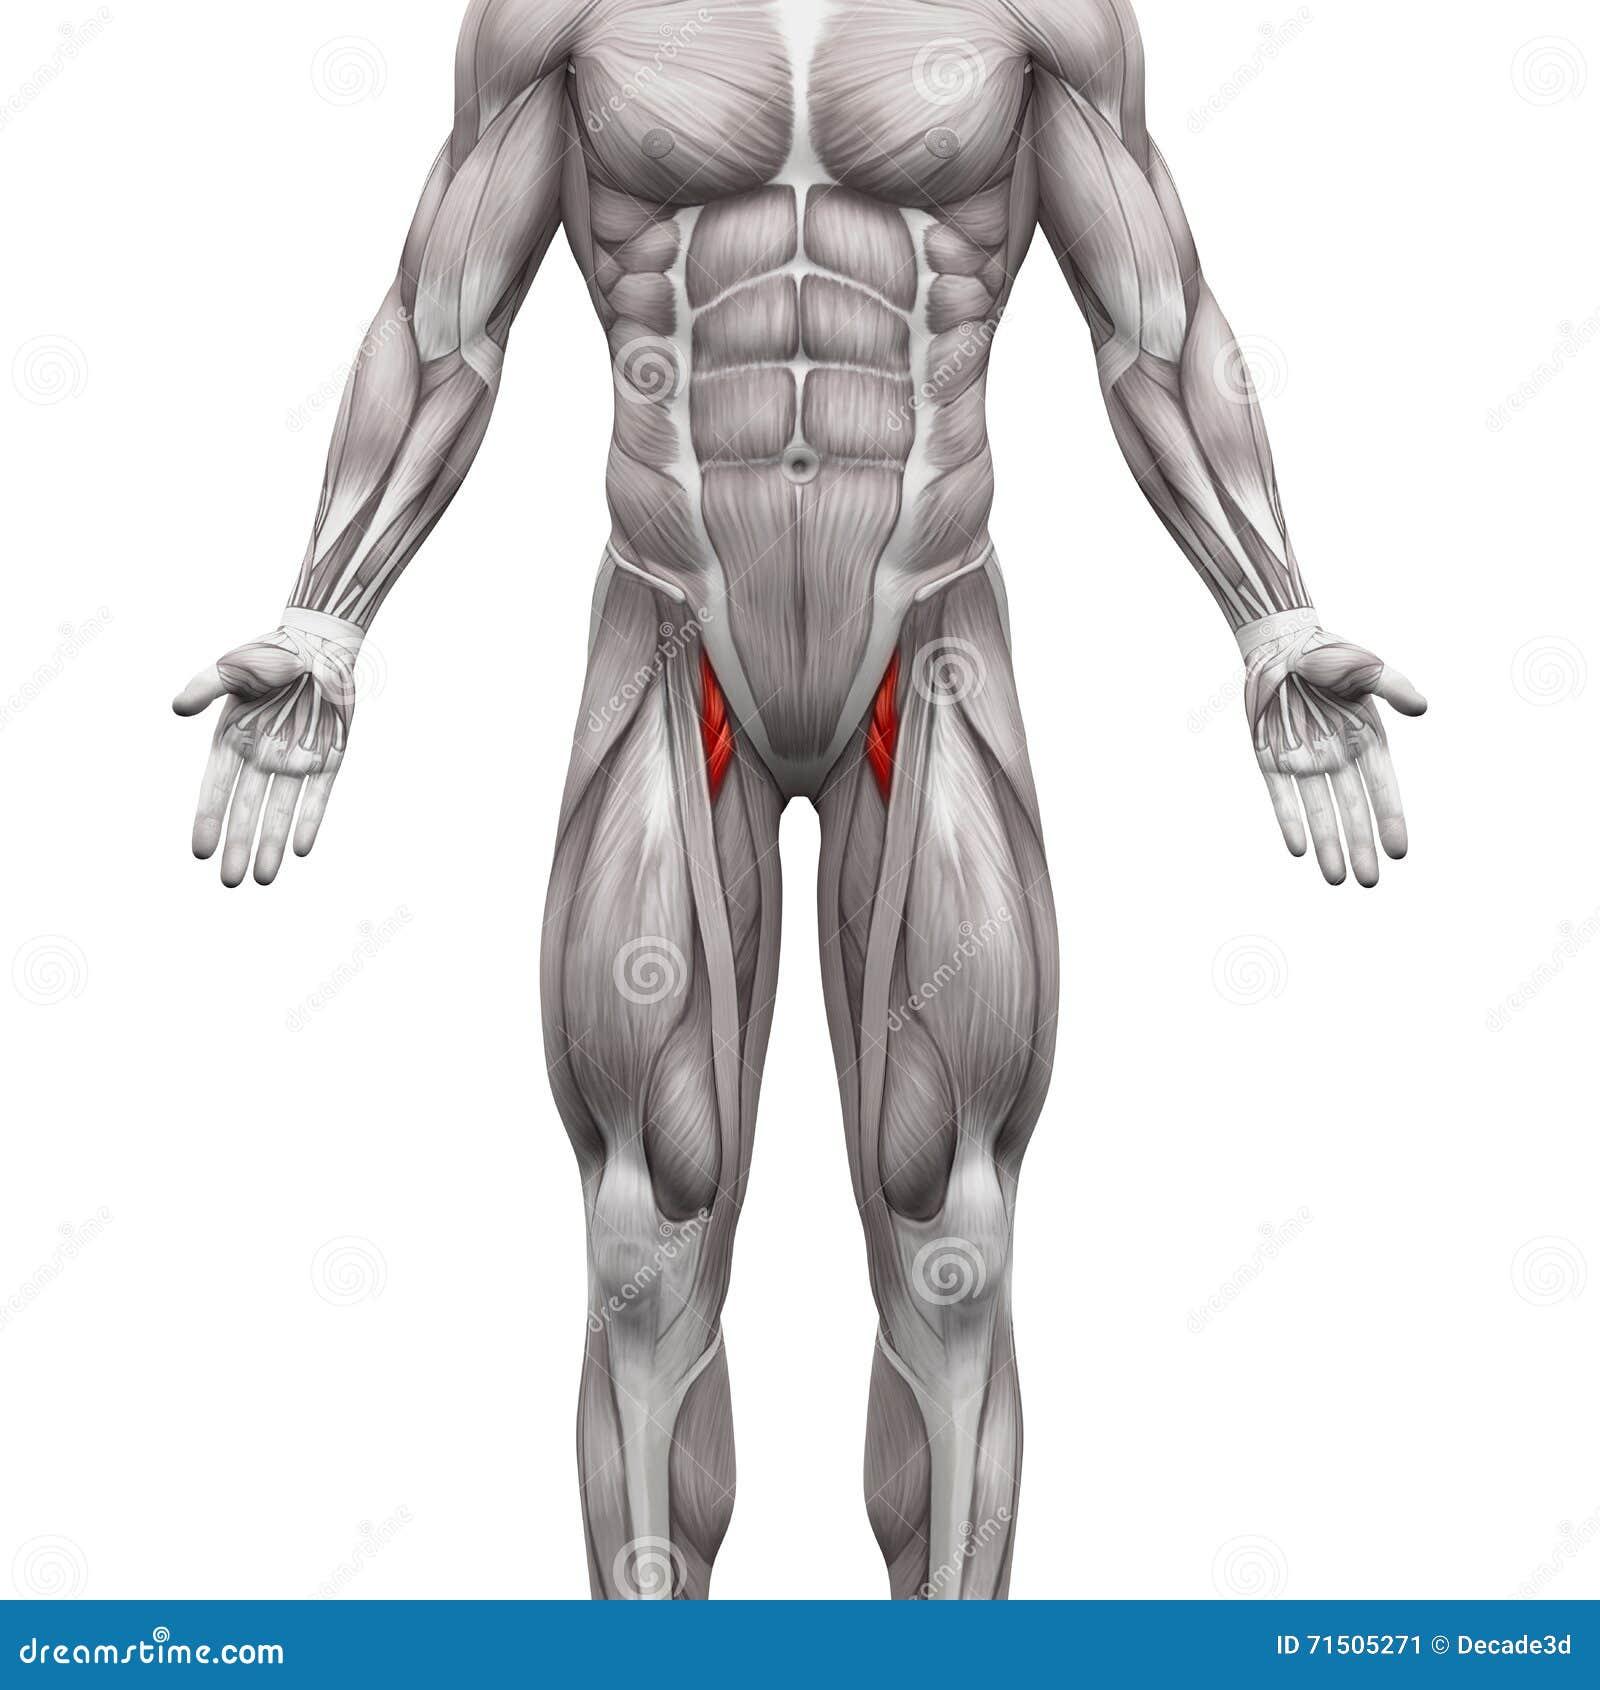 Fantastisch Die Menschliche Anatomie Muskeln Fotos - Menschliche ...